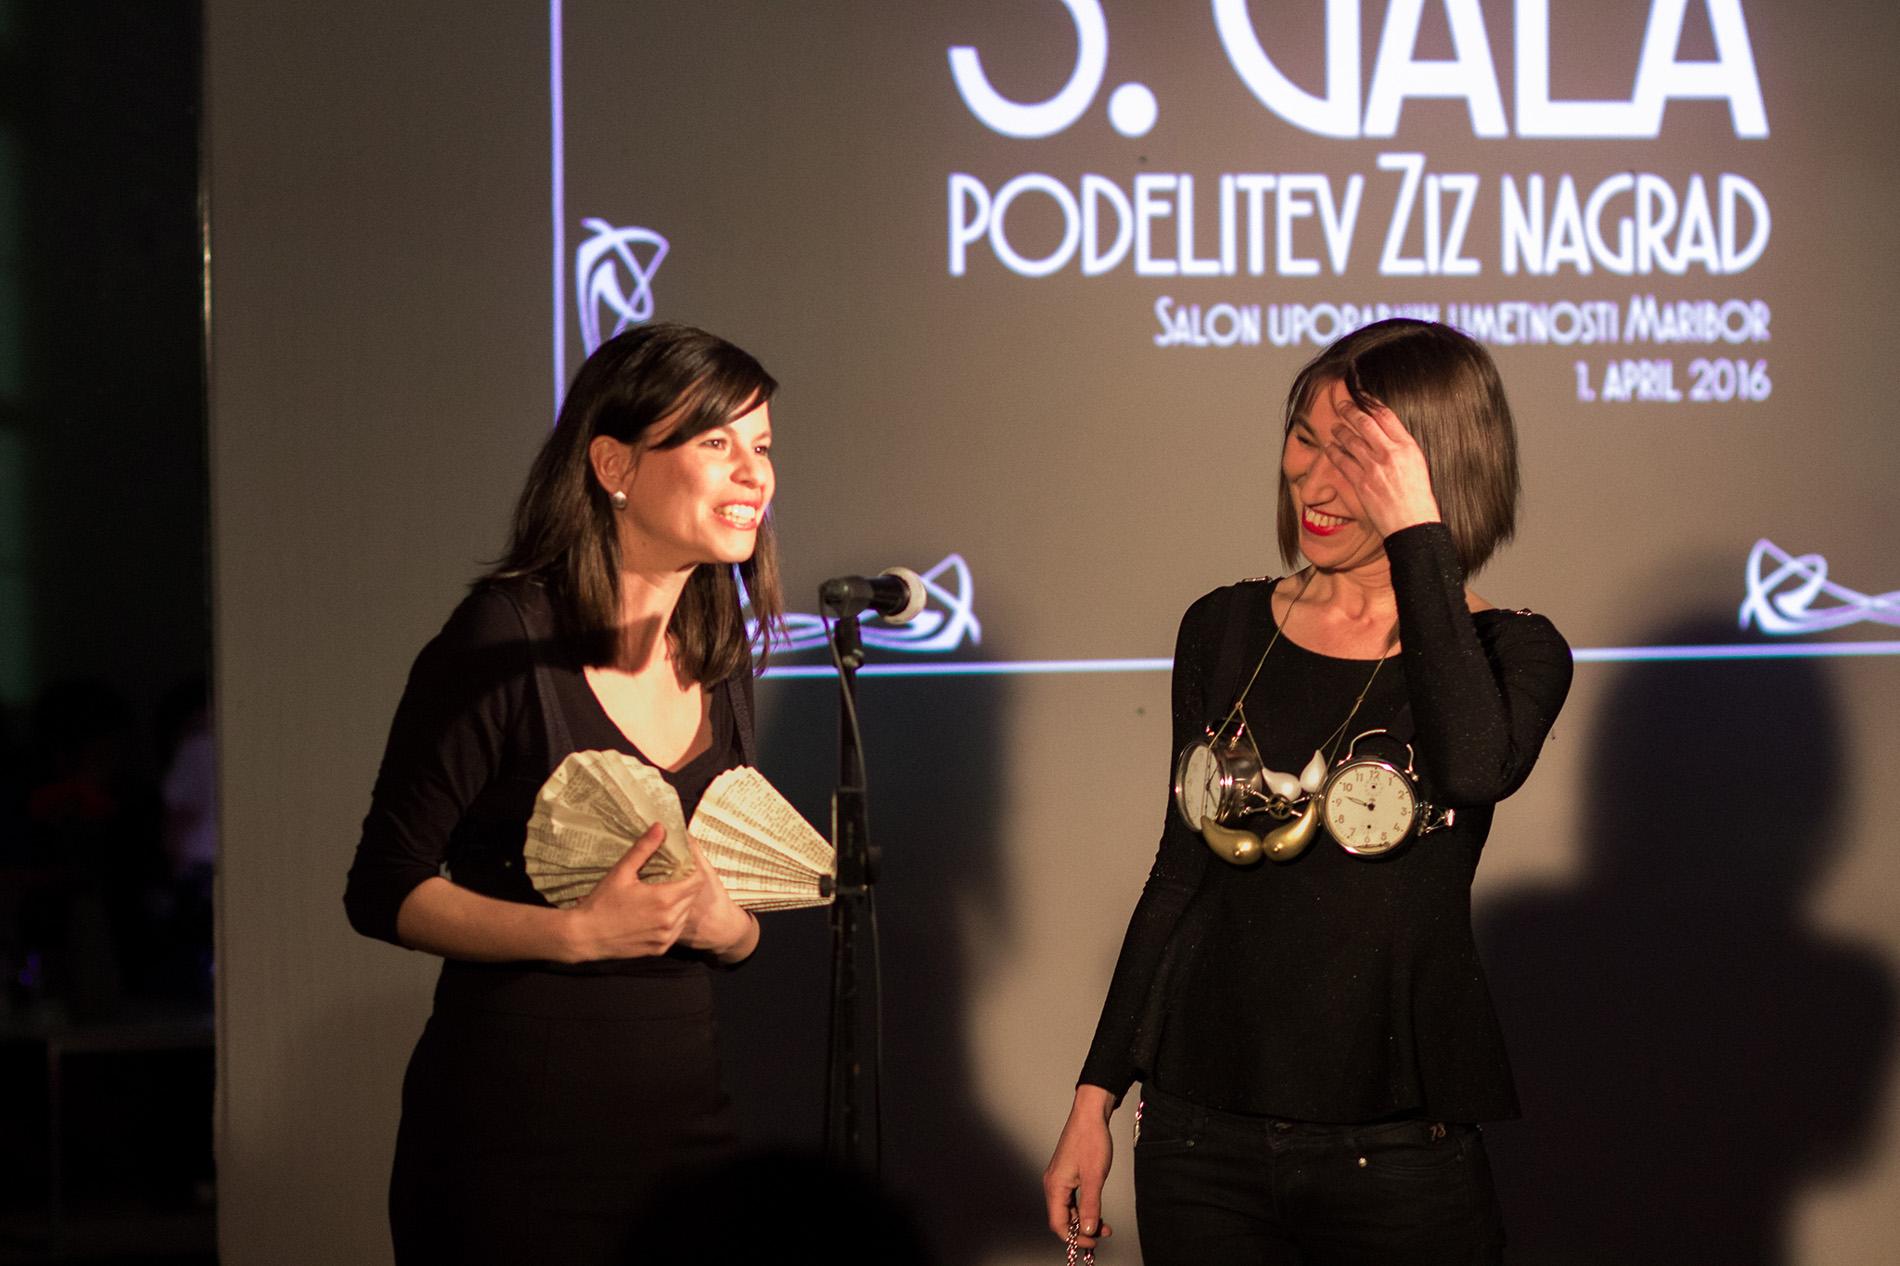 Gala podelitev ZIZ nagrad 2016